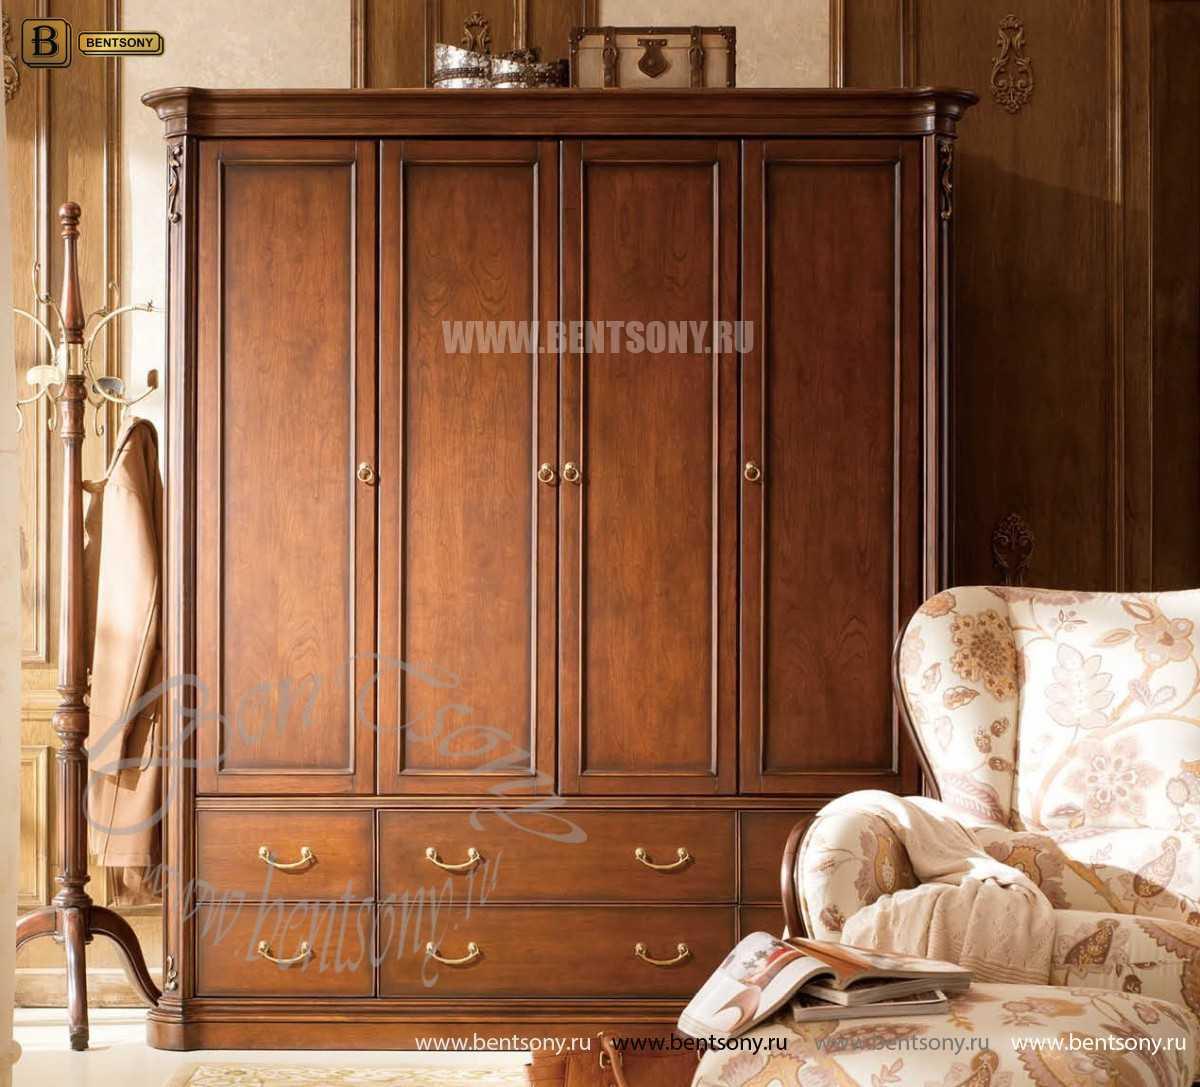 Спальня Крофорд А классическая распродажа